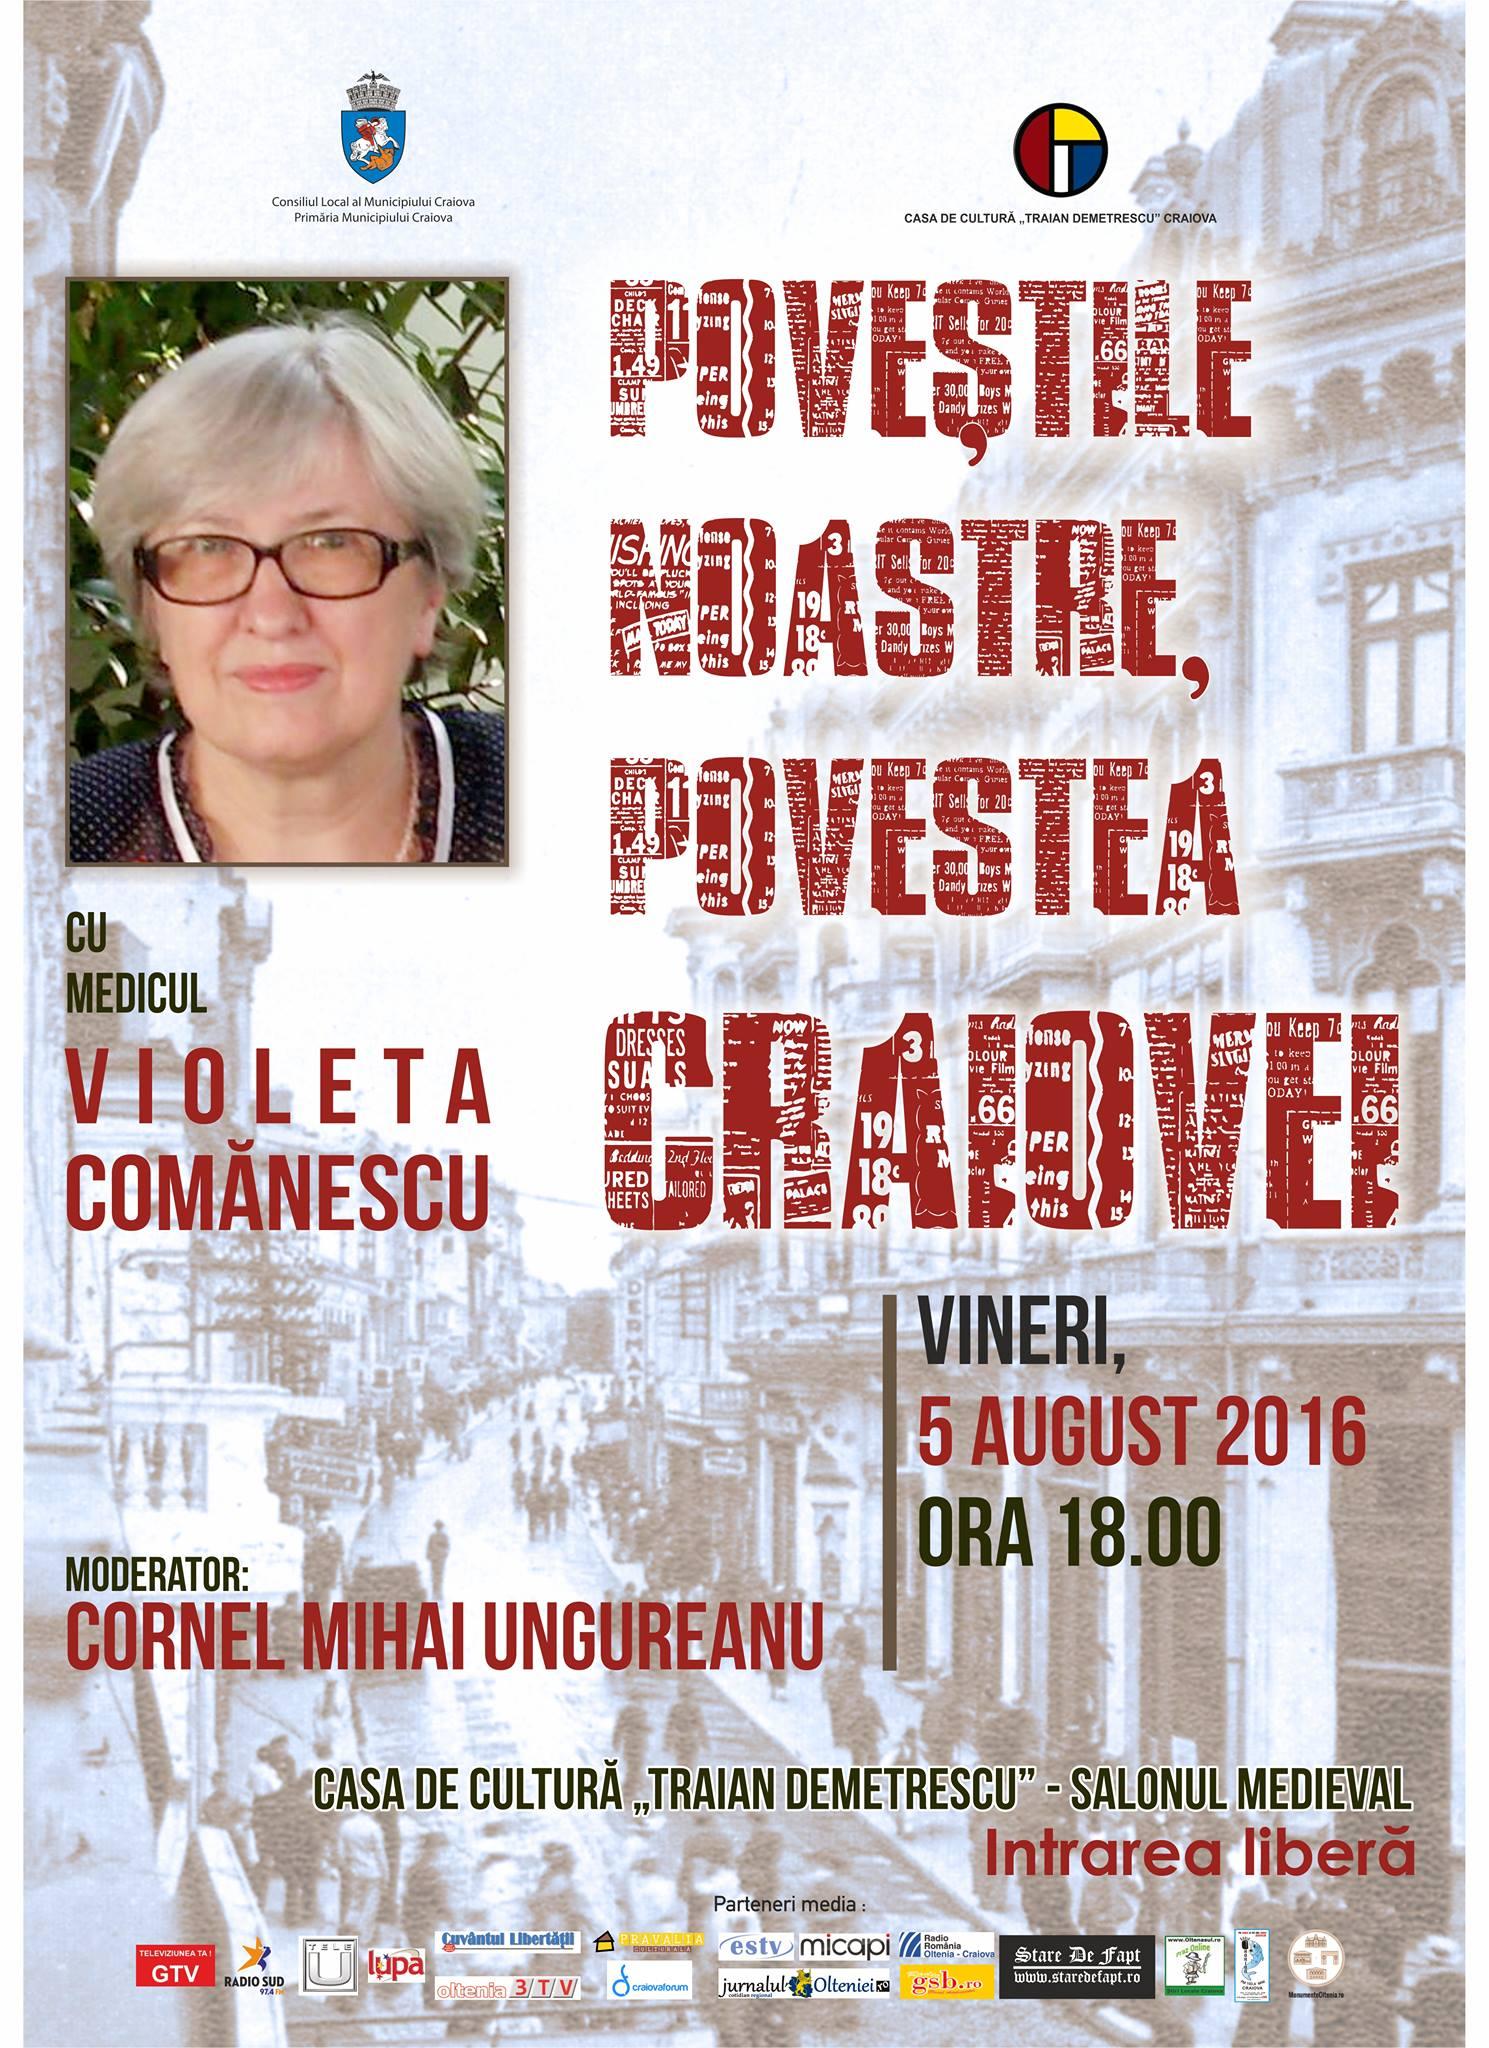 Poveștile noastre, povestea Craiovei cu medicul Violeta Comănescu